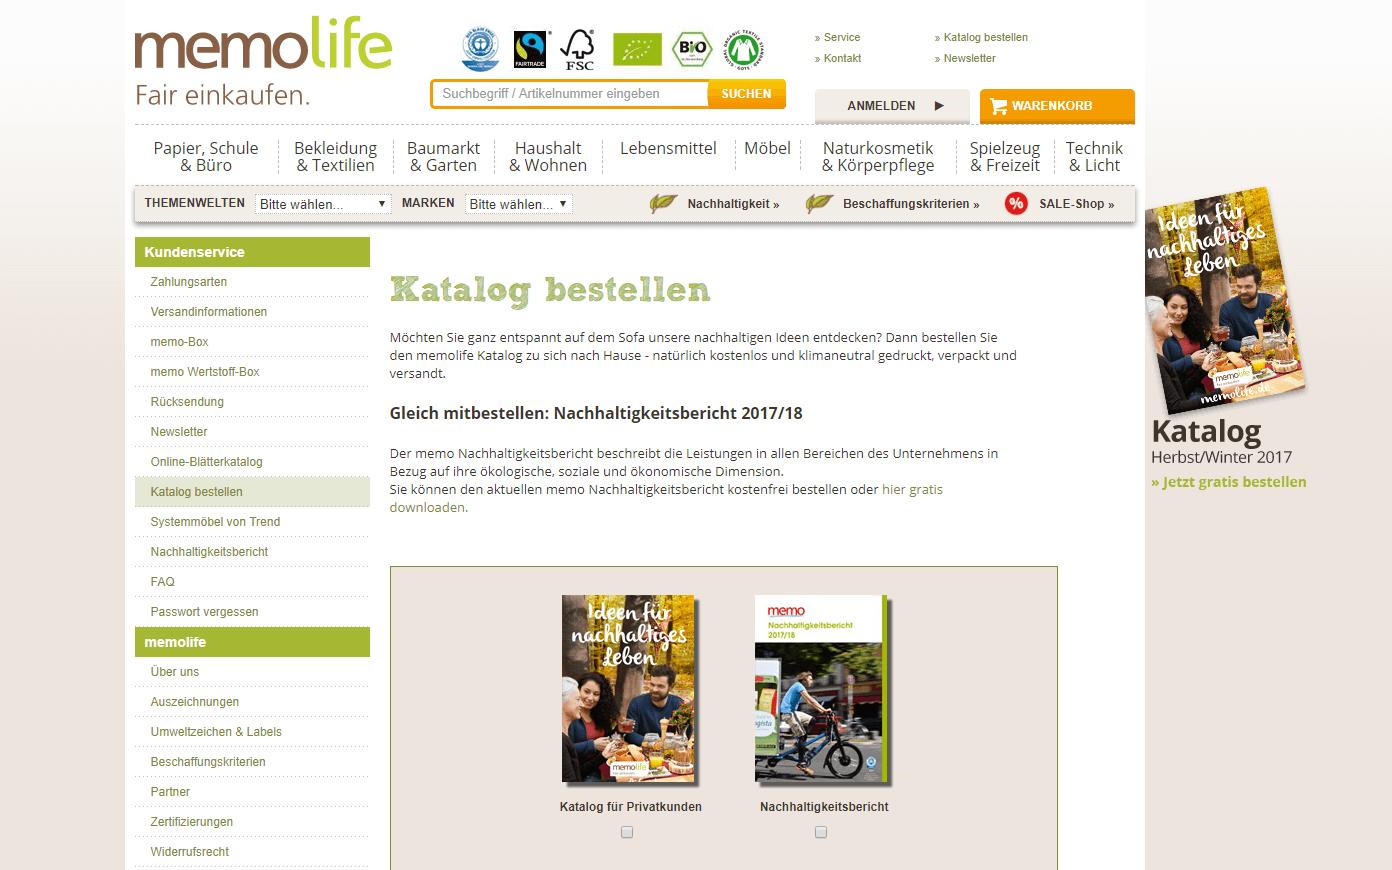 Screenshot aus dem Memo Online Shop, eine gute Alternative zu Amazon